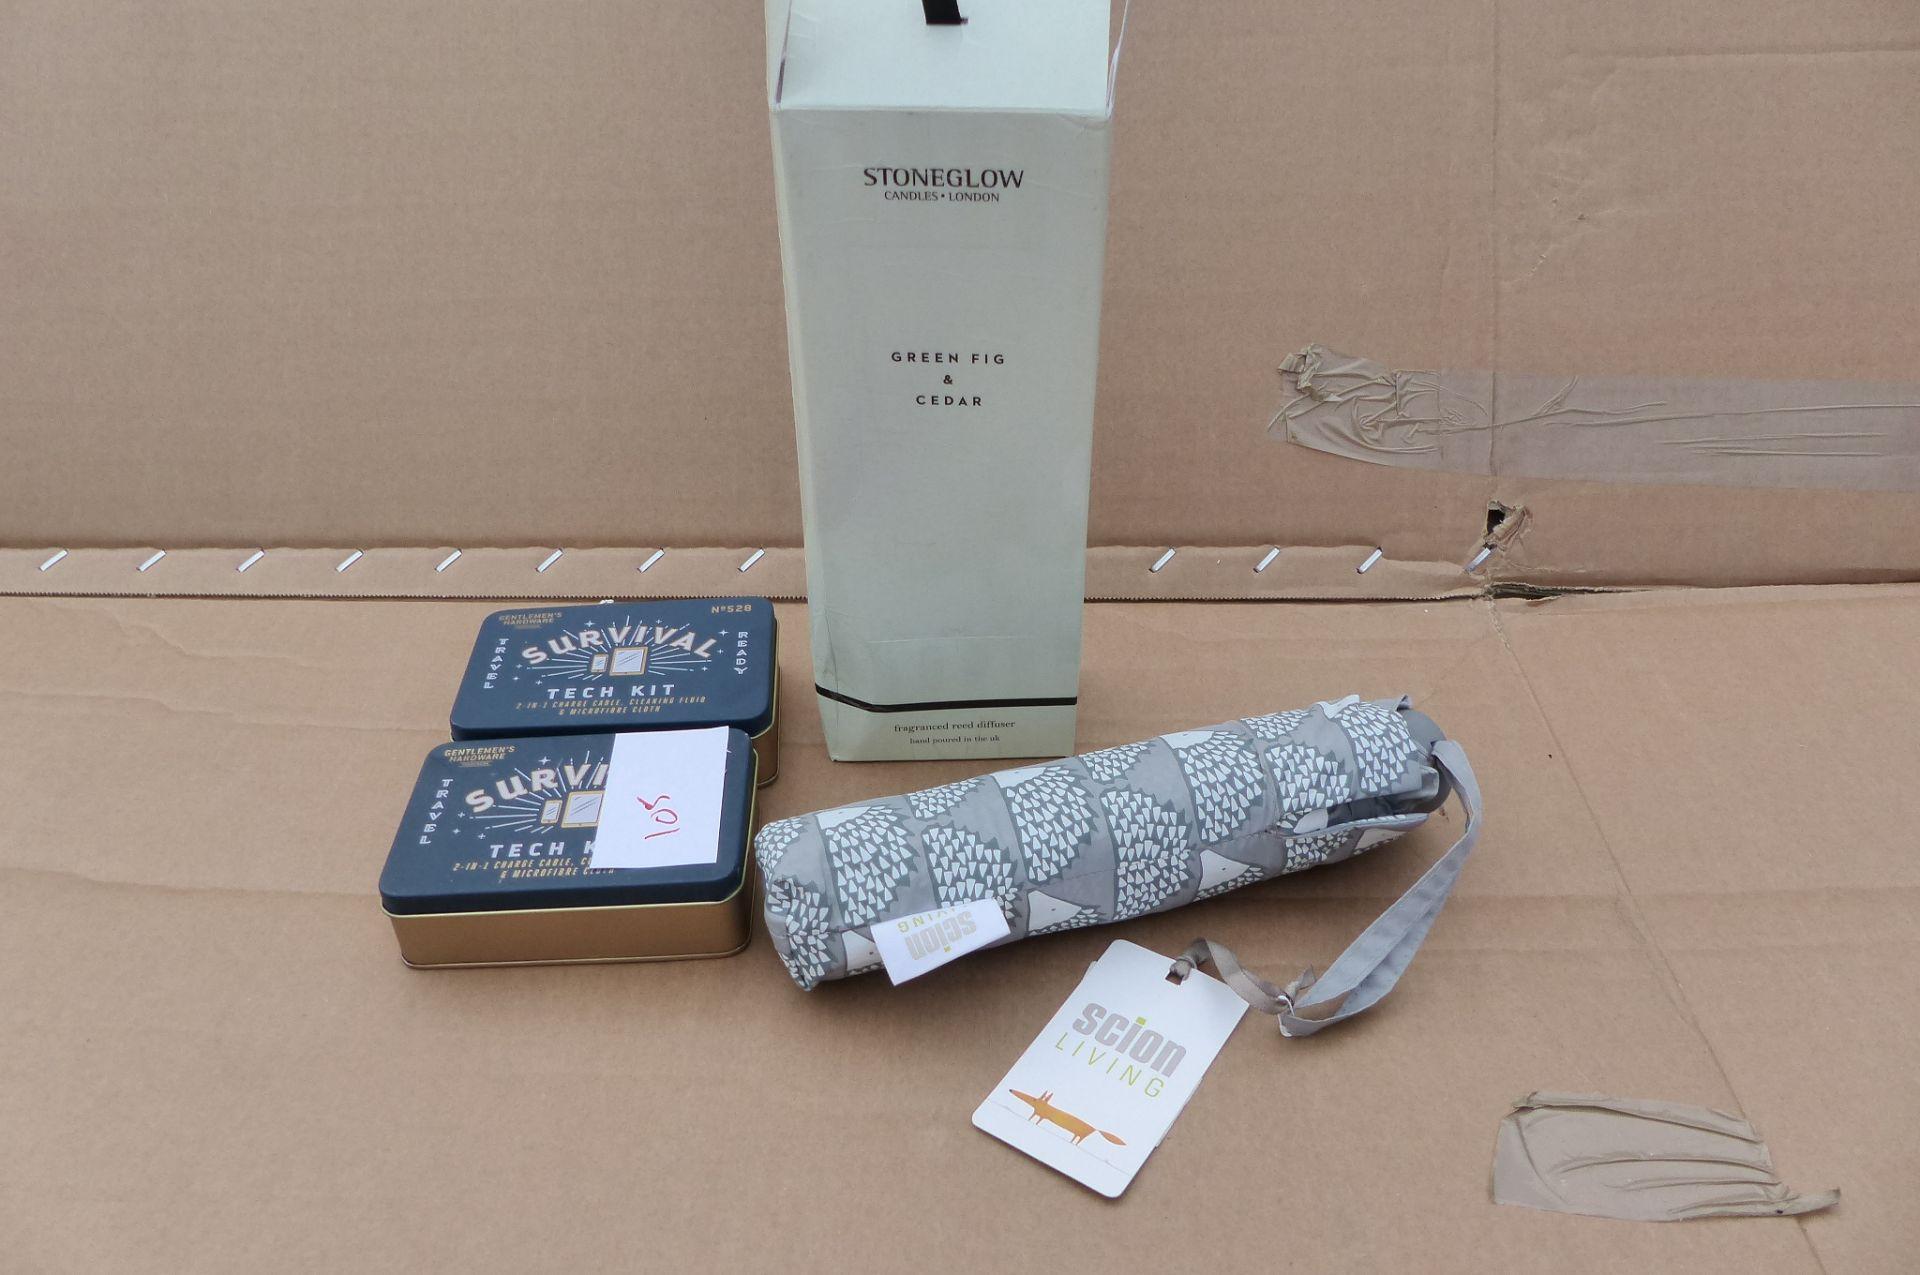 4 items Scion Umbreella, Stone Glow Diffuser